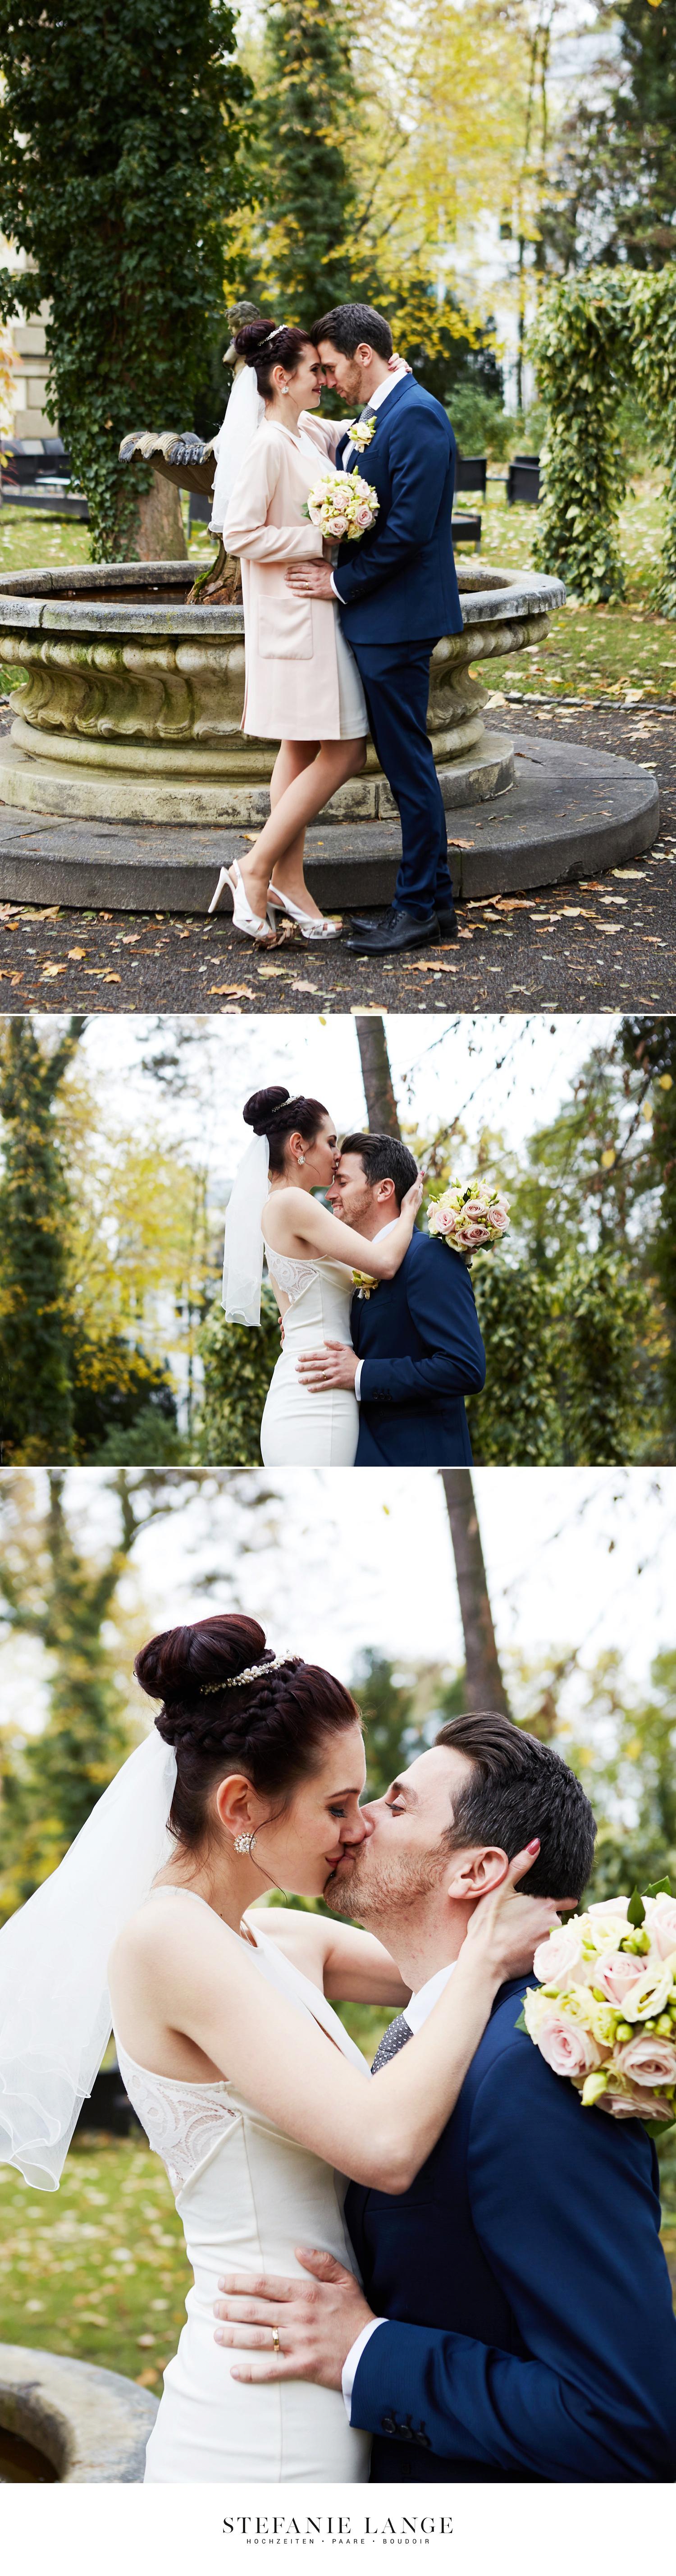 Hochzeit im Patrick Hellmann Schlosshotel in Berlin Grunewald - Paarfotos vom Brautpaar im großen Garten